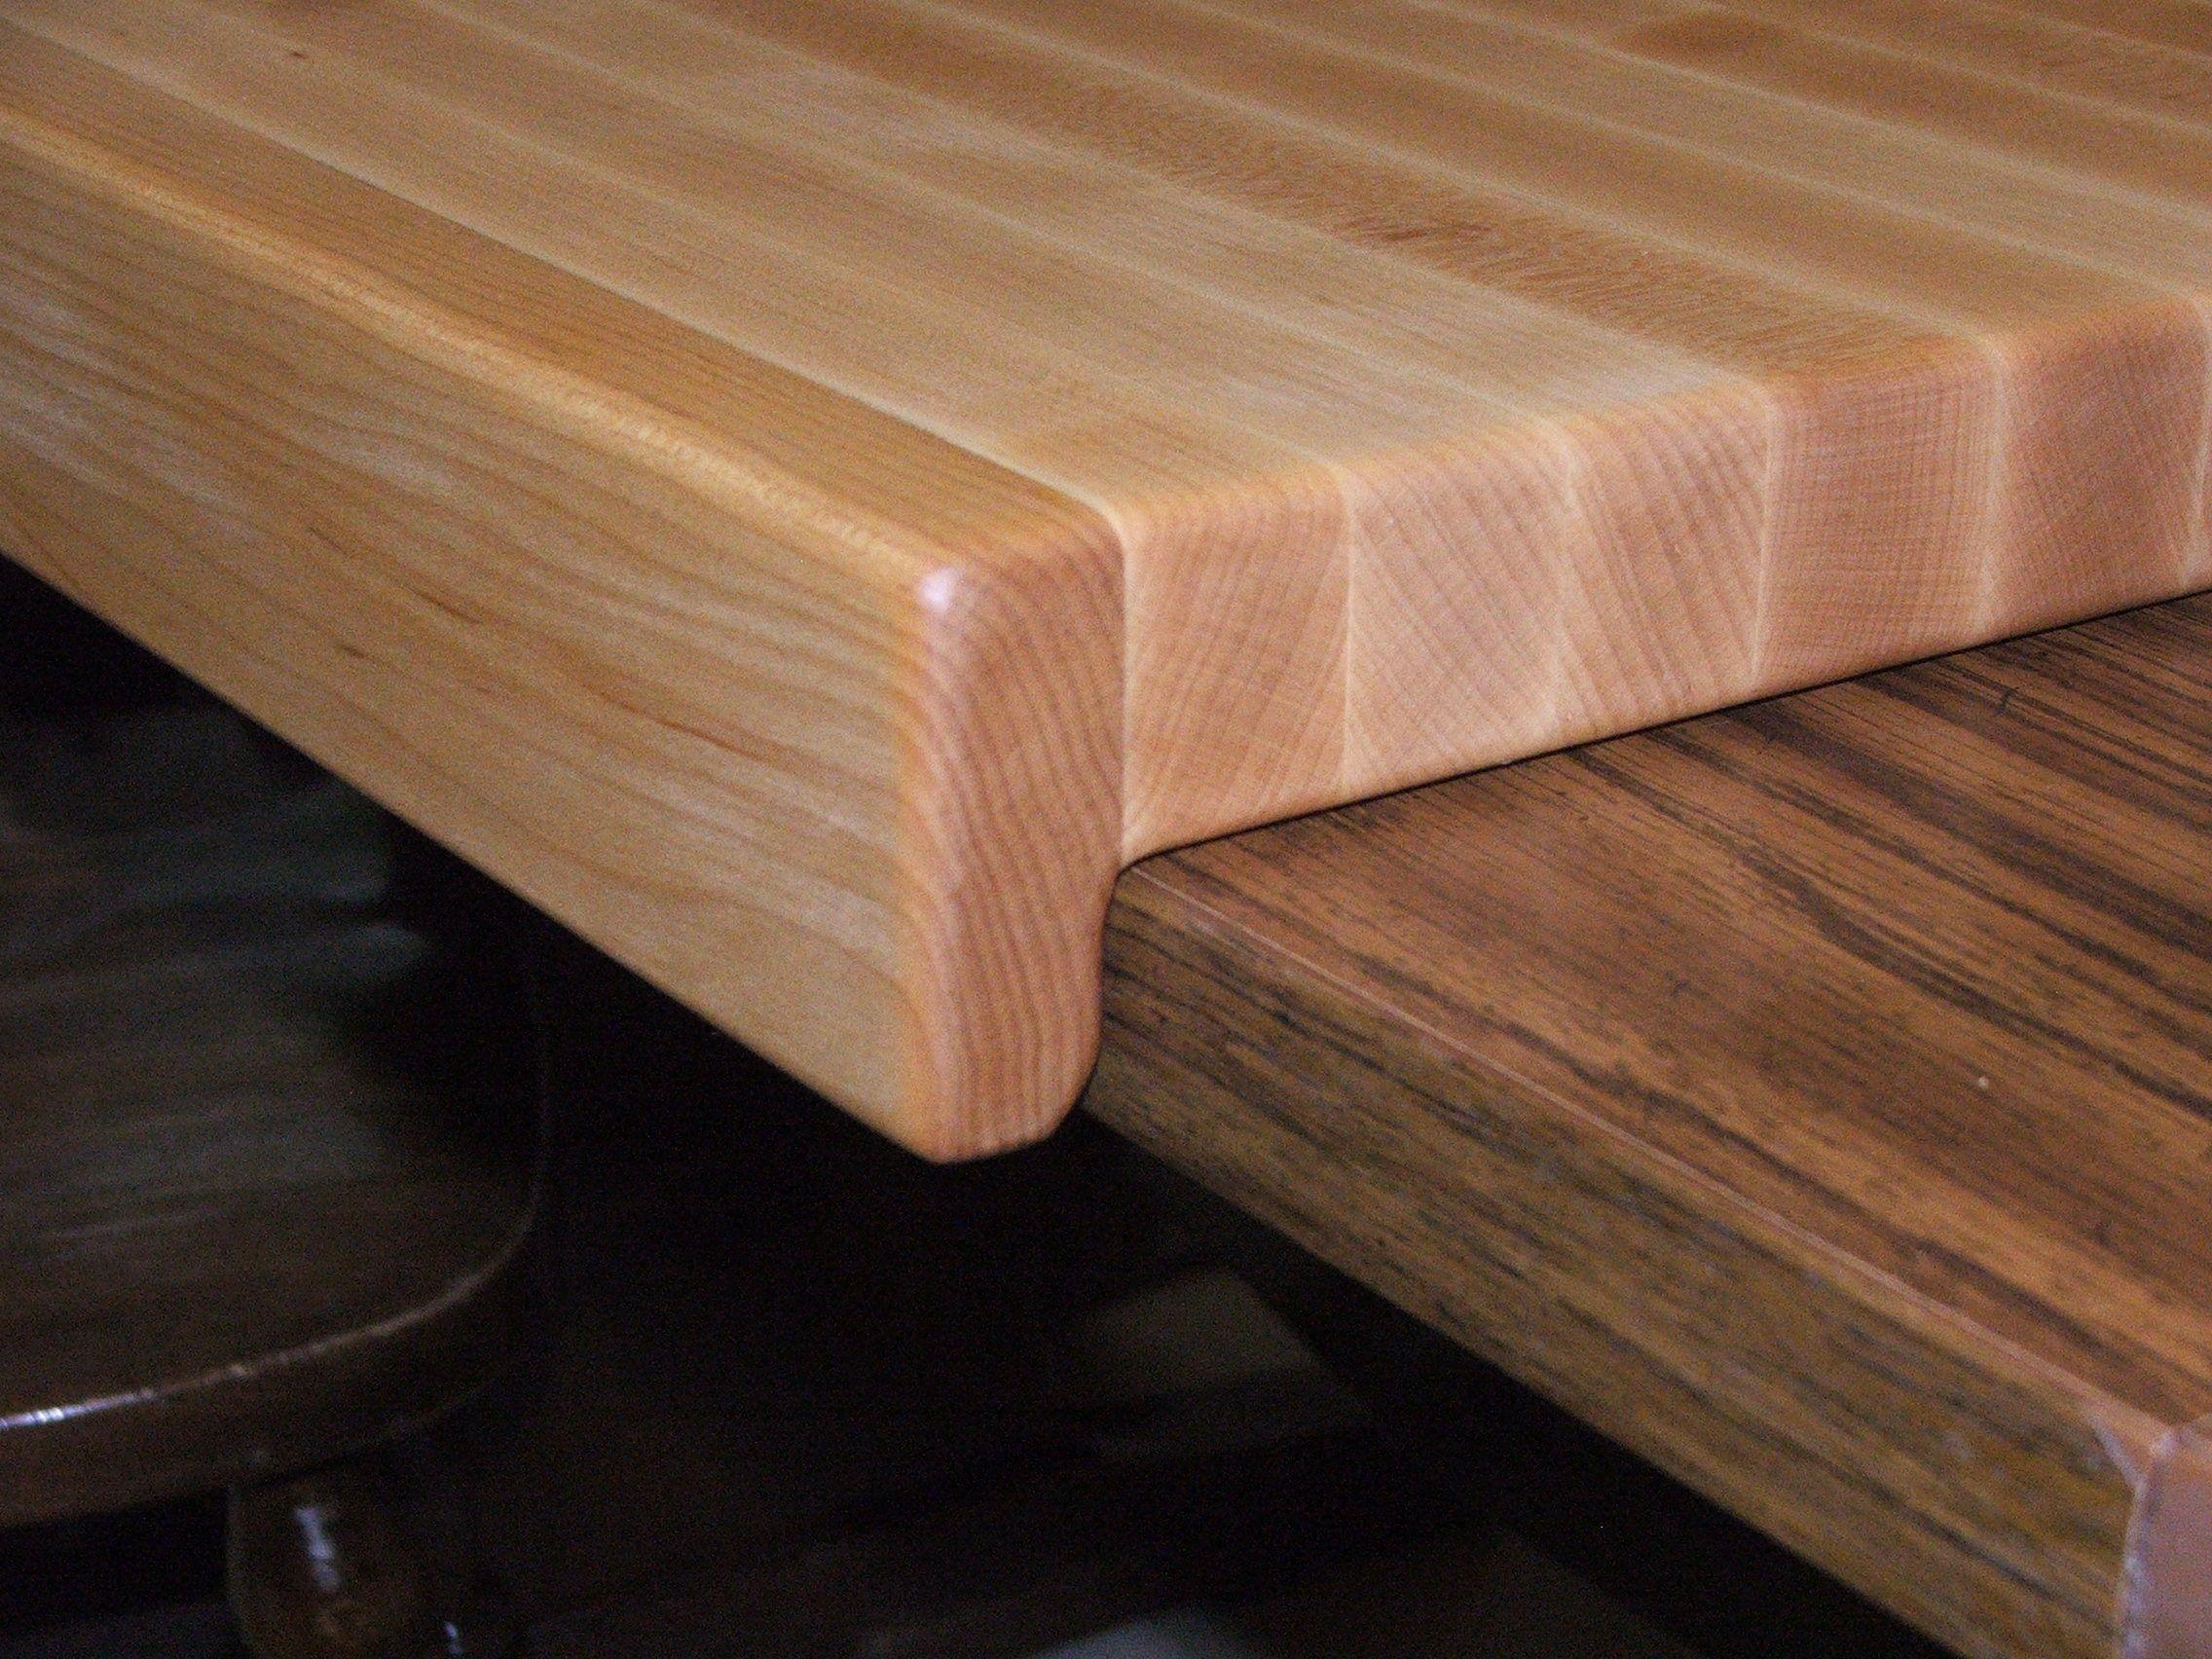 Buy A Hand Made Hard Rock Sugar Maple Cutting Board 24 5